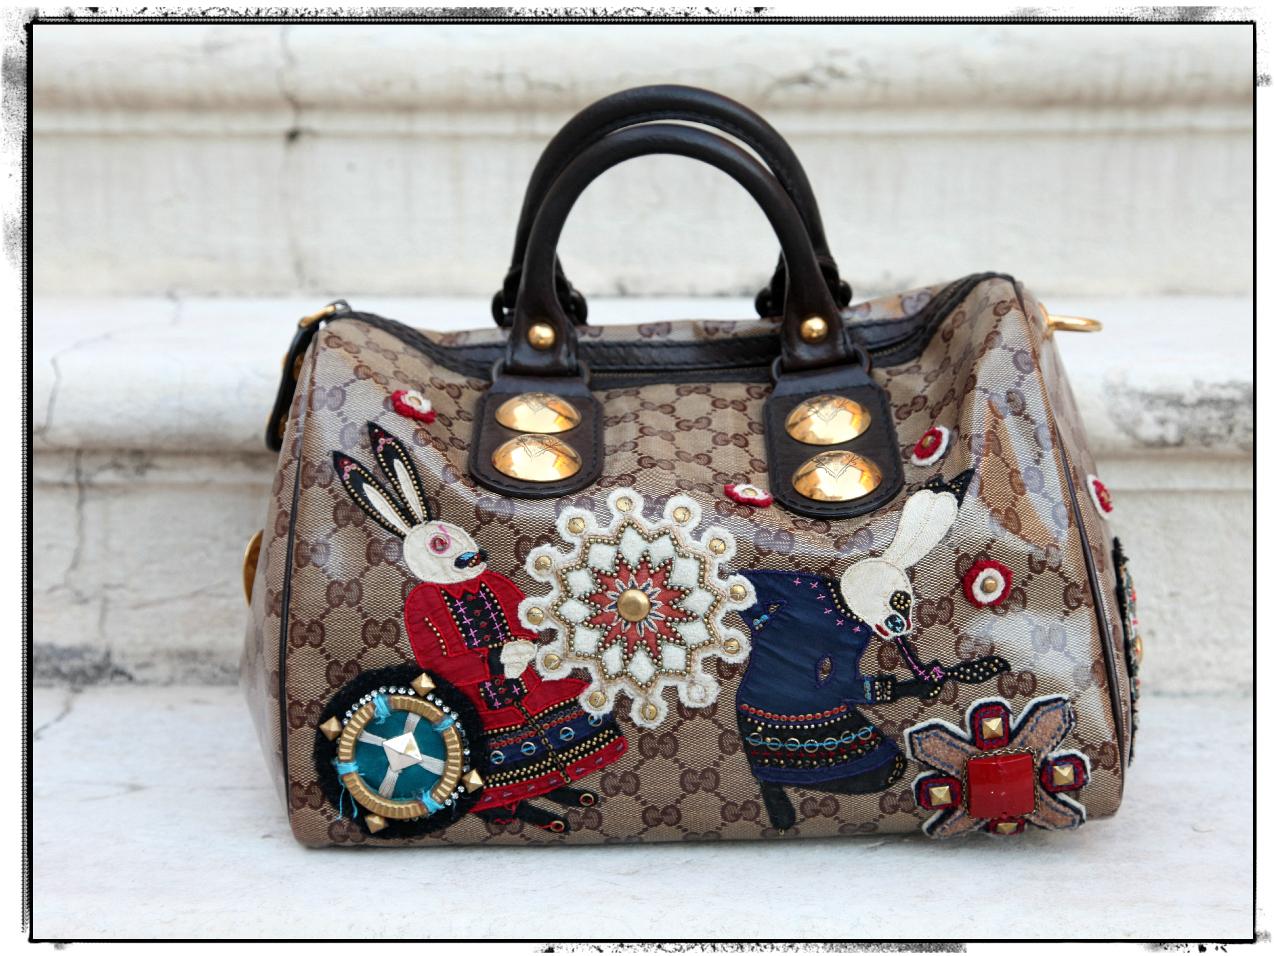 Vestiaire Collective: il sapore del lusso tra vintage e novità, alessia milanese, thechilicool, fashion blog italiani, fashion blogger italiane